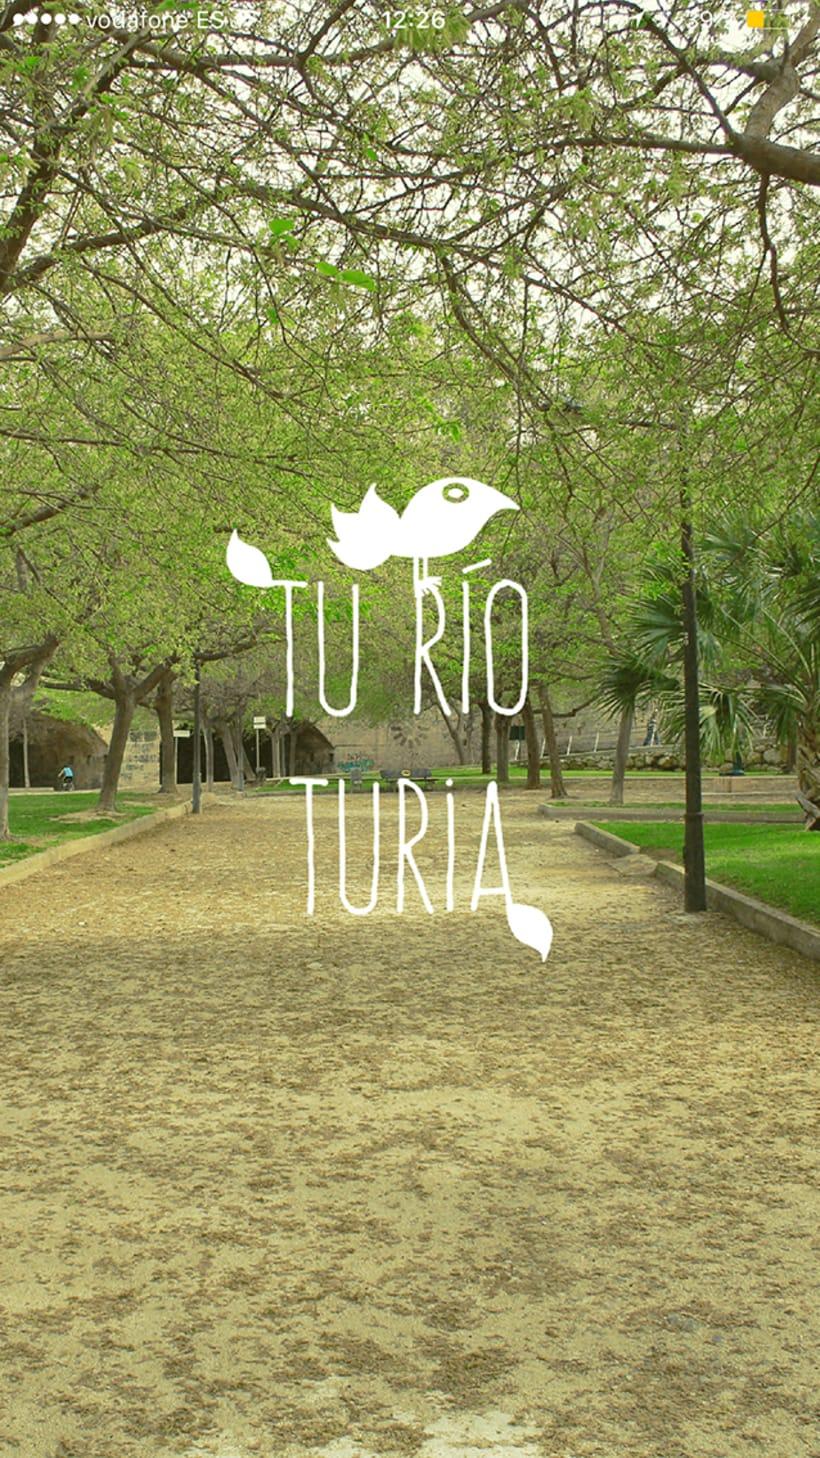 Tu río Turia 26